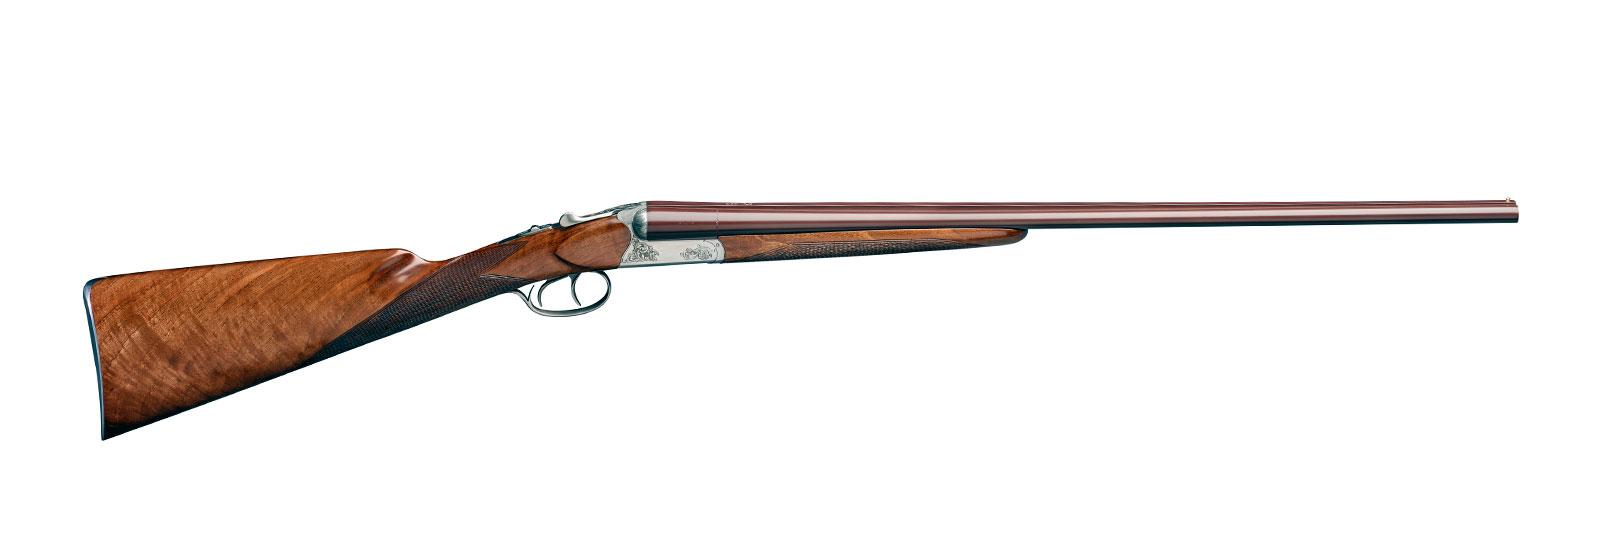 Fusils à canons juxtaposés CARMEN DELUXE double détente